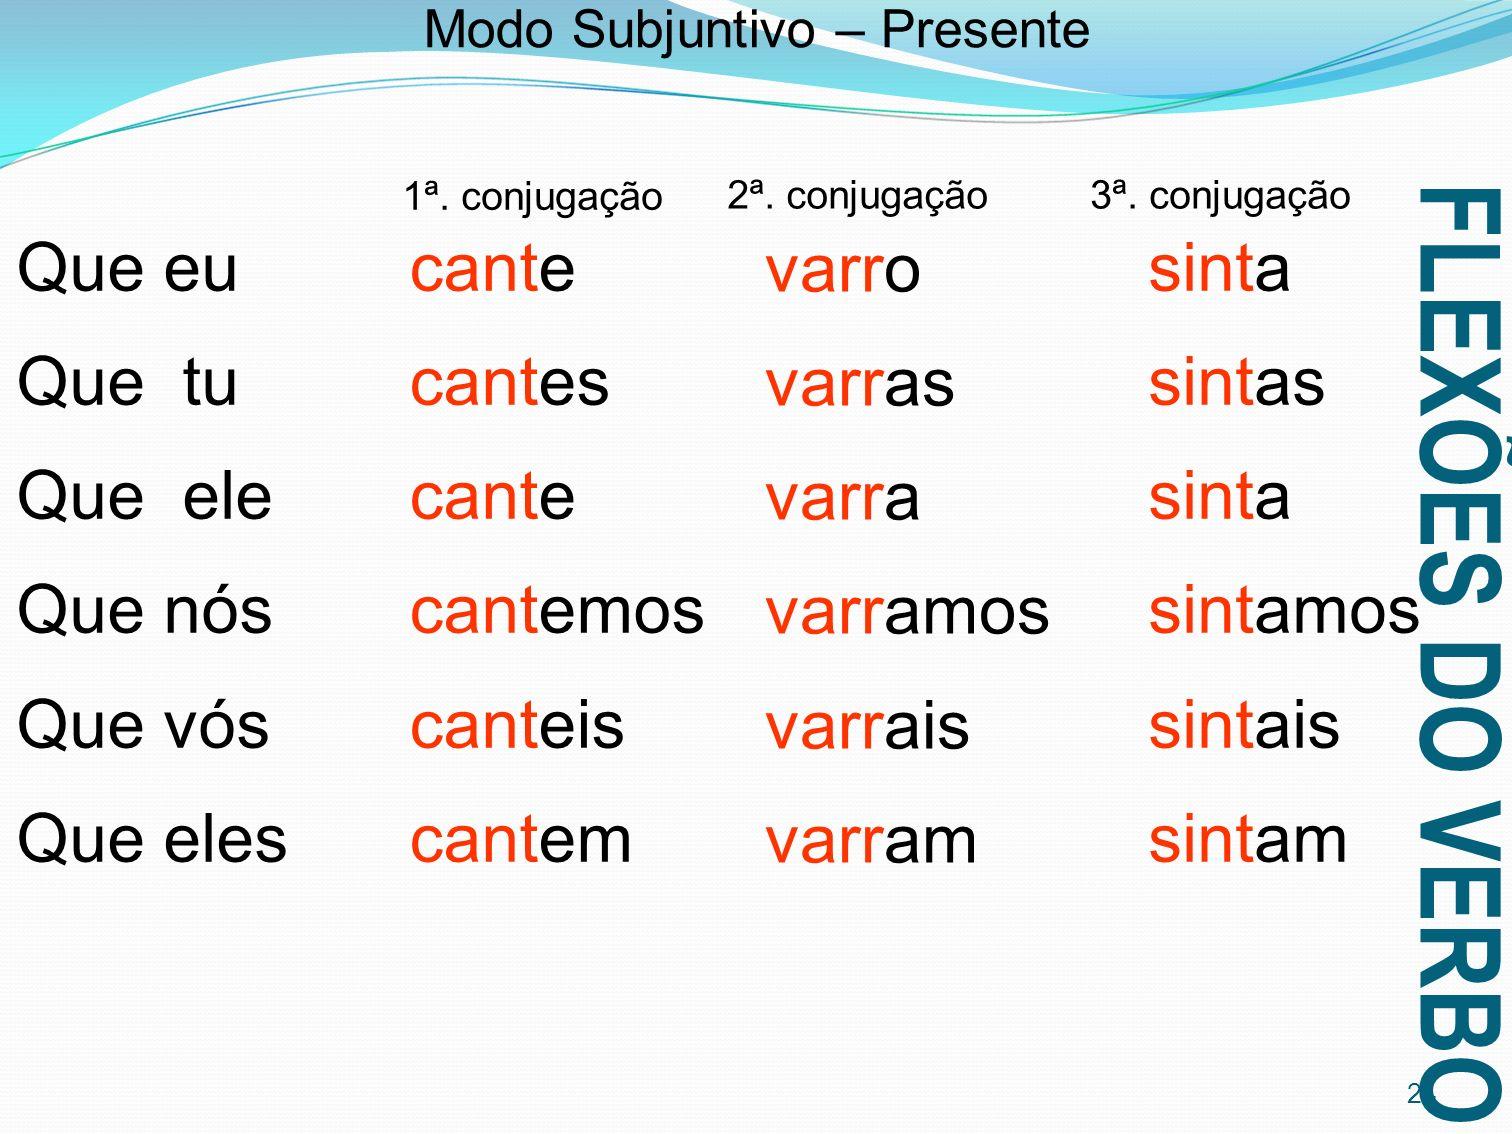 Modo Subjuntivo – Presente